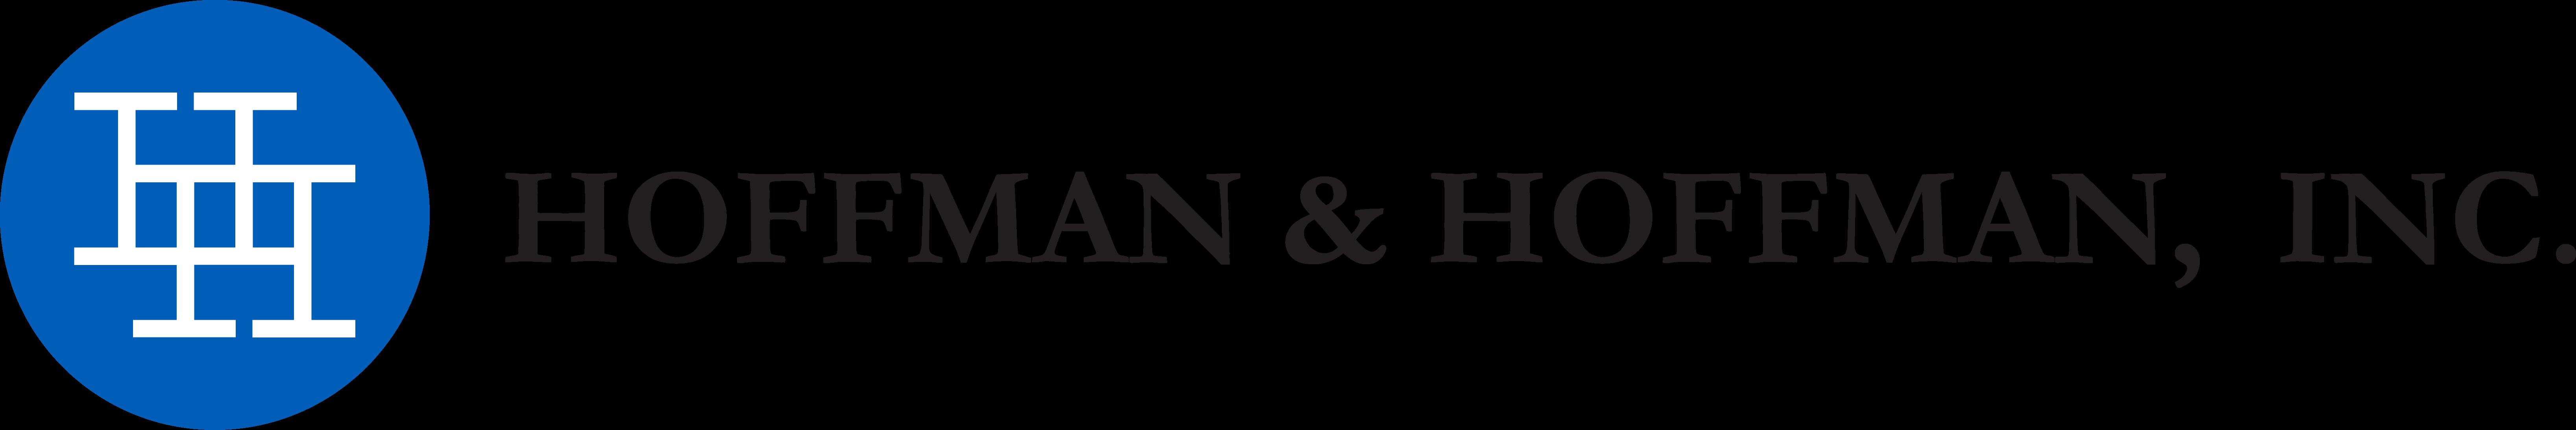 HH_Logo_RGB